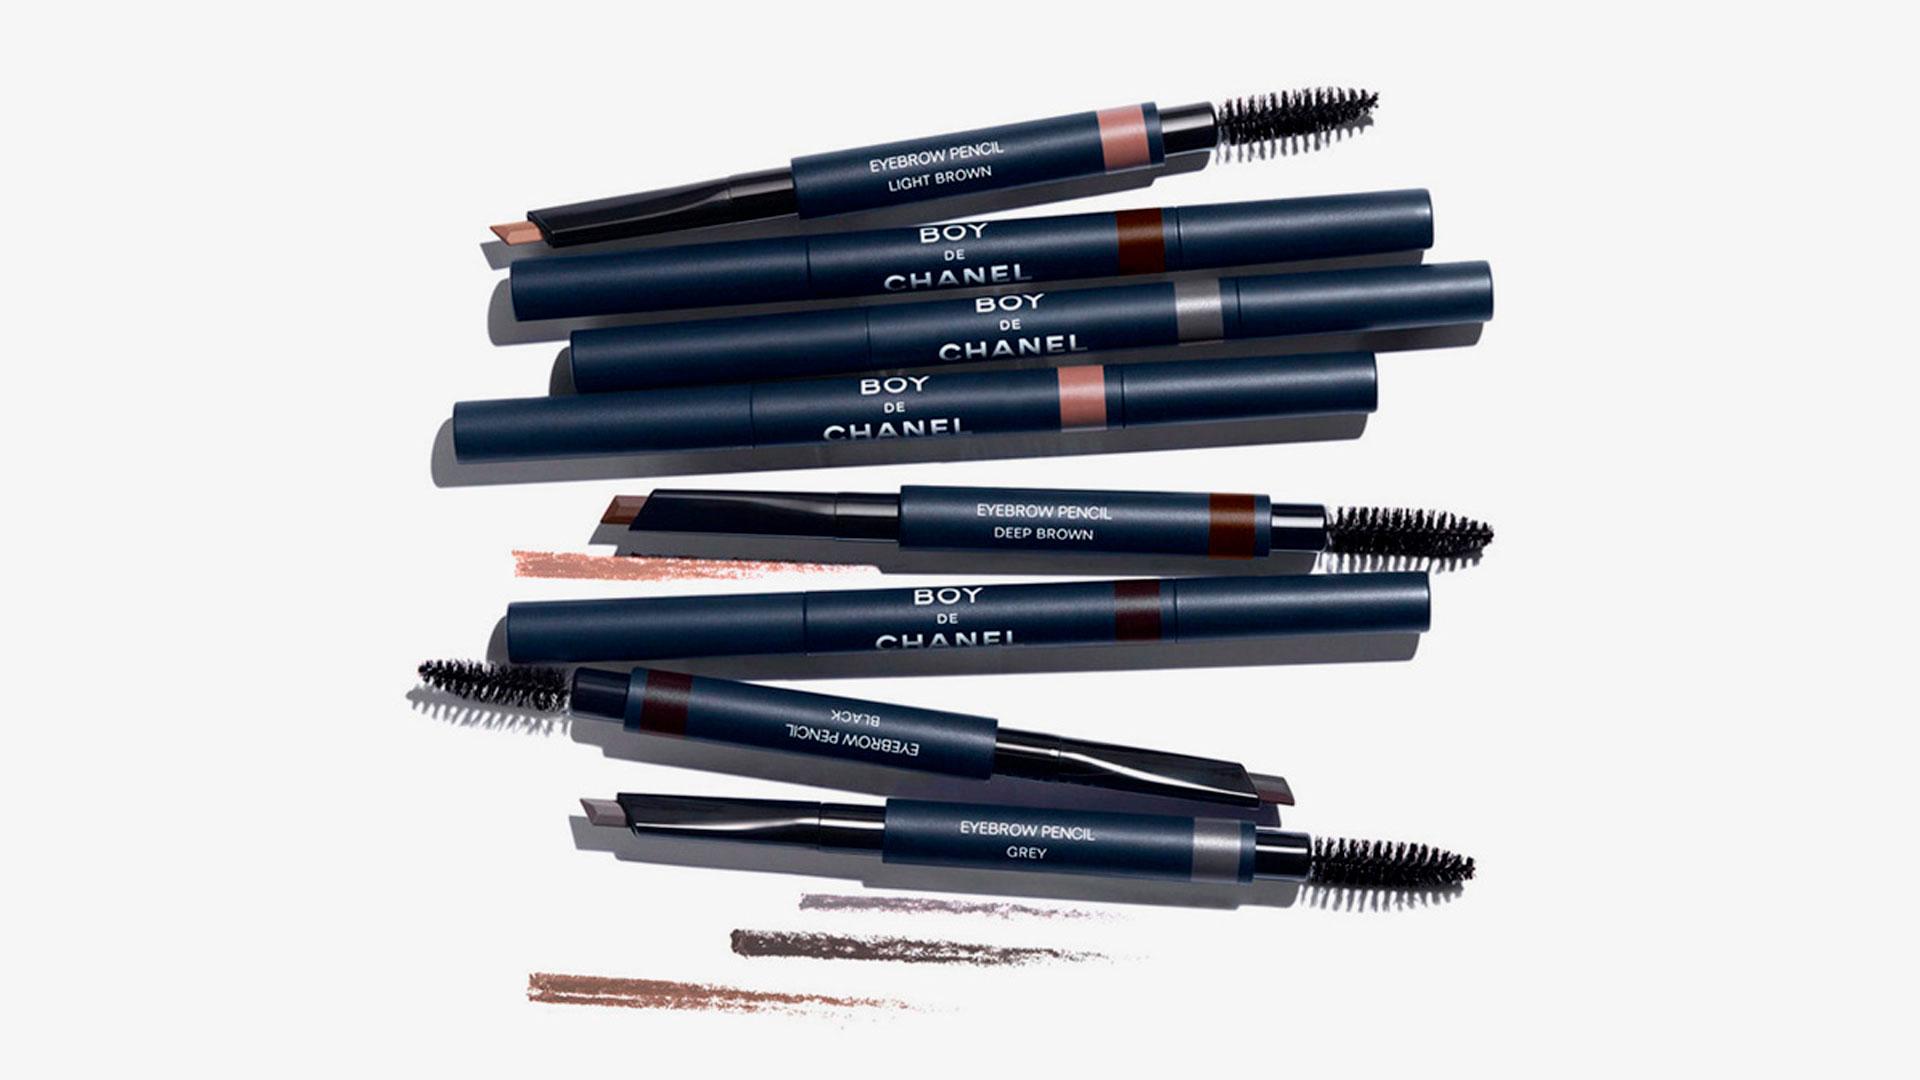 Productos de la nueva línea de maquillaje masculina de Chanel